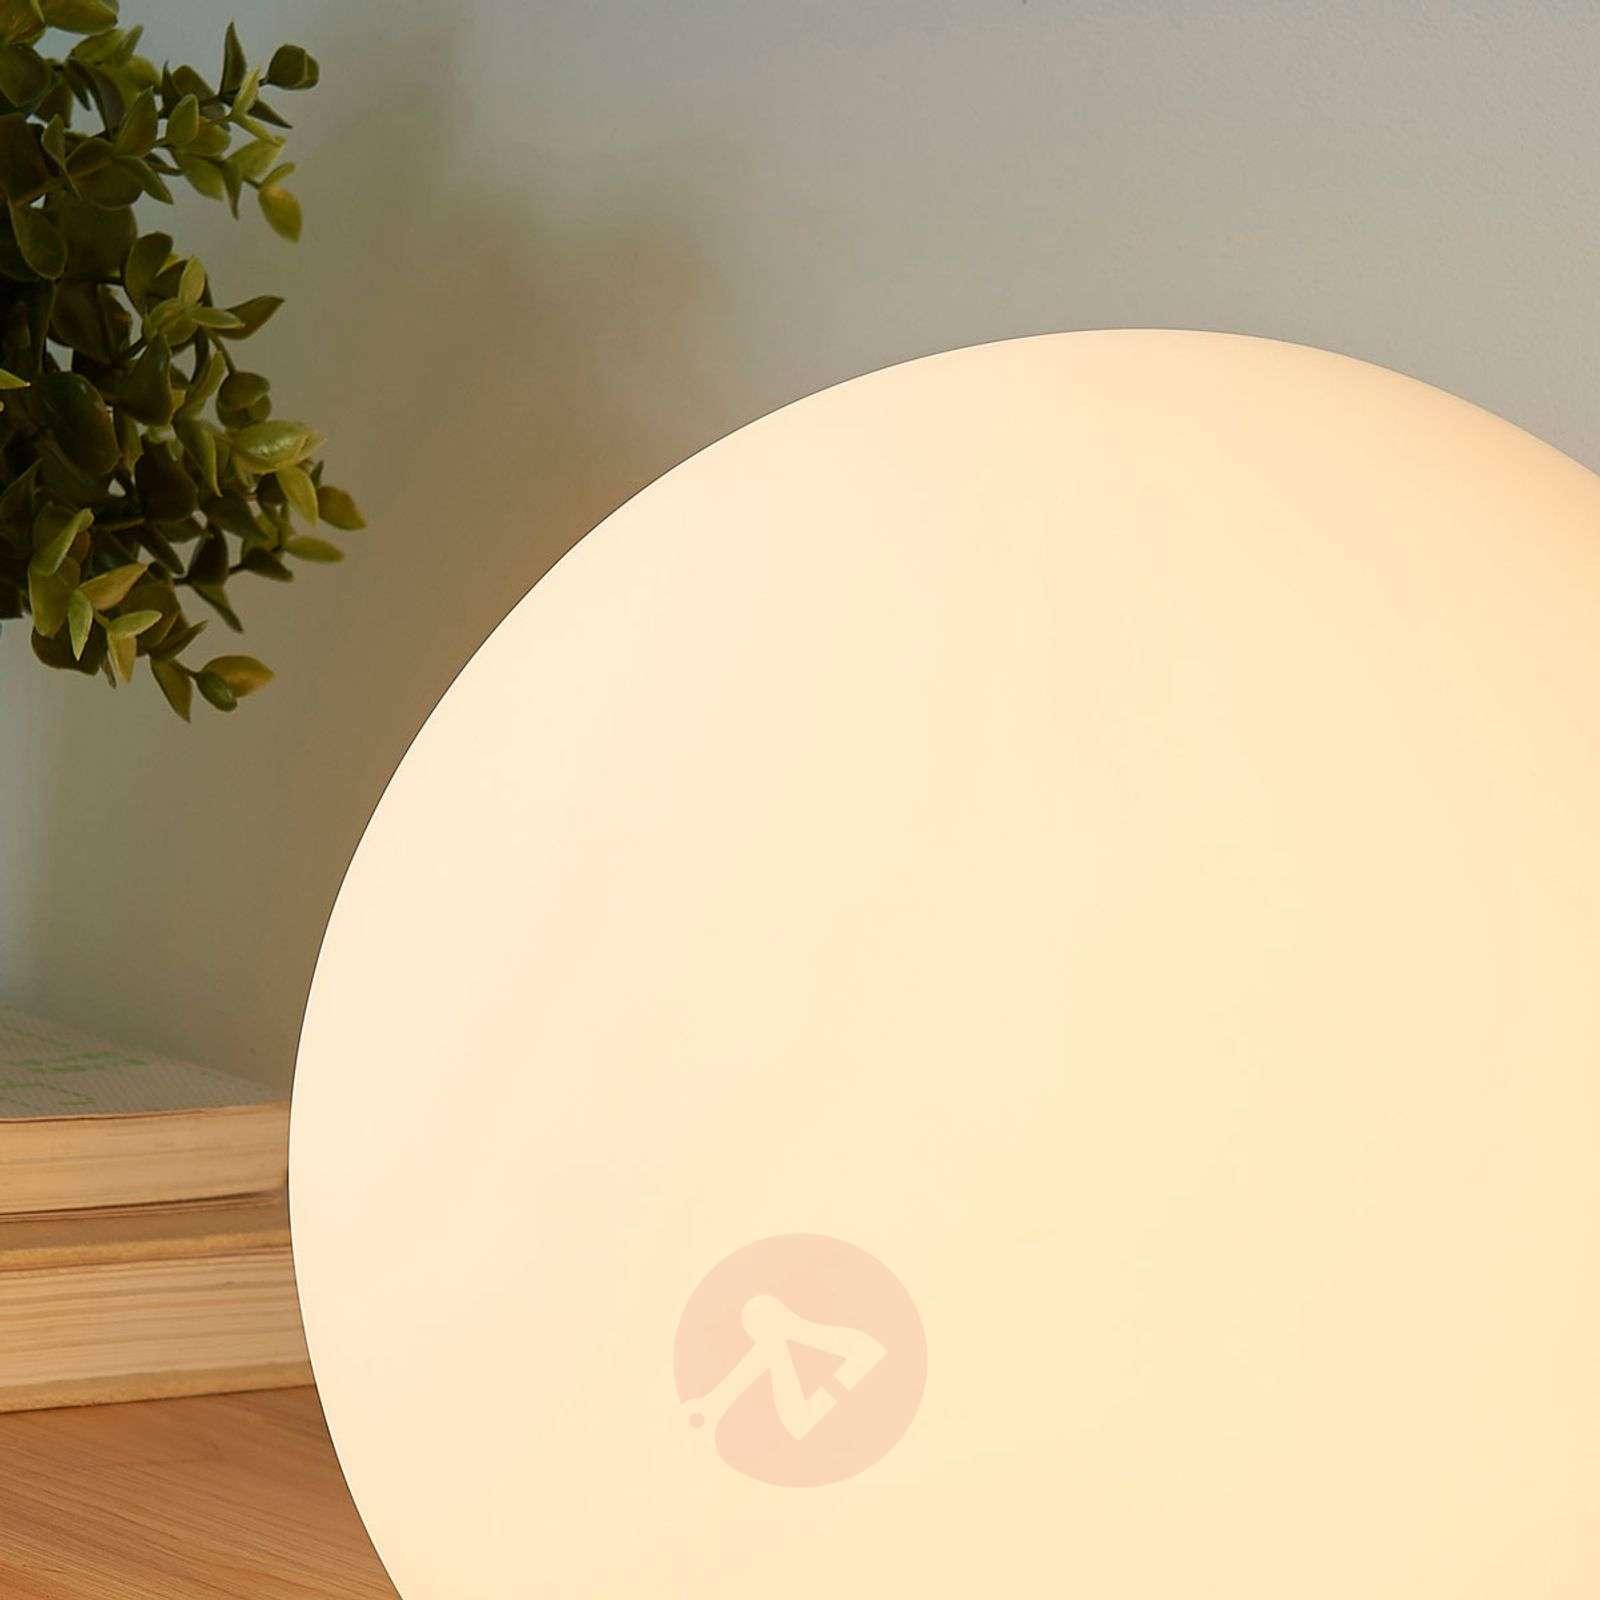 Marike spherical glass table lamp, white-9621456-01